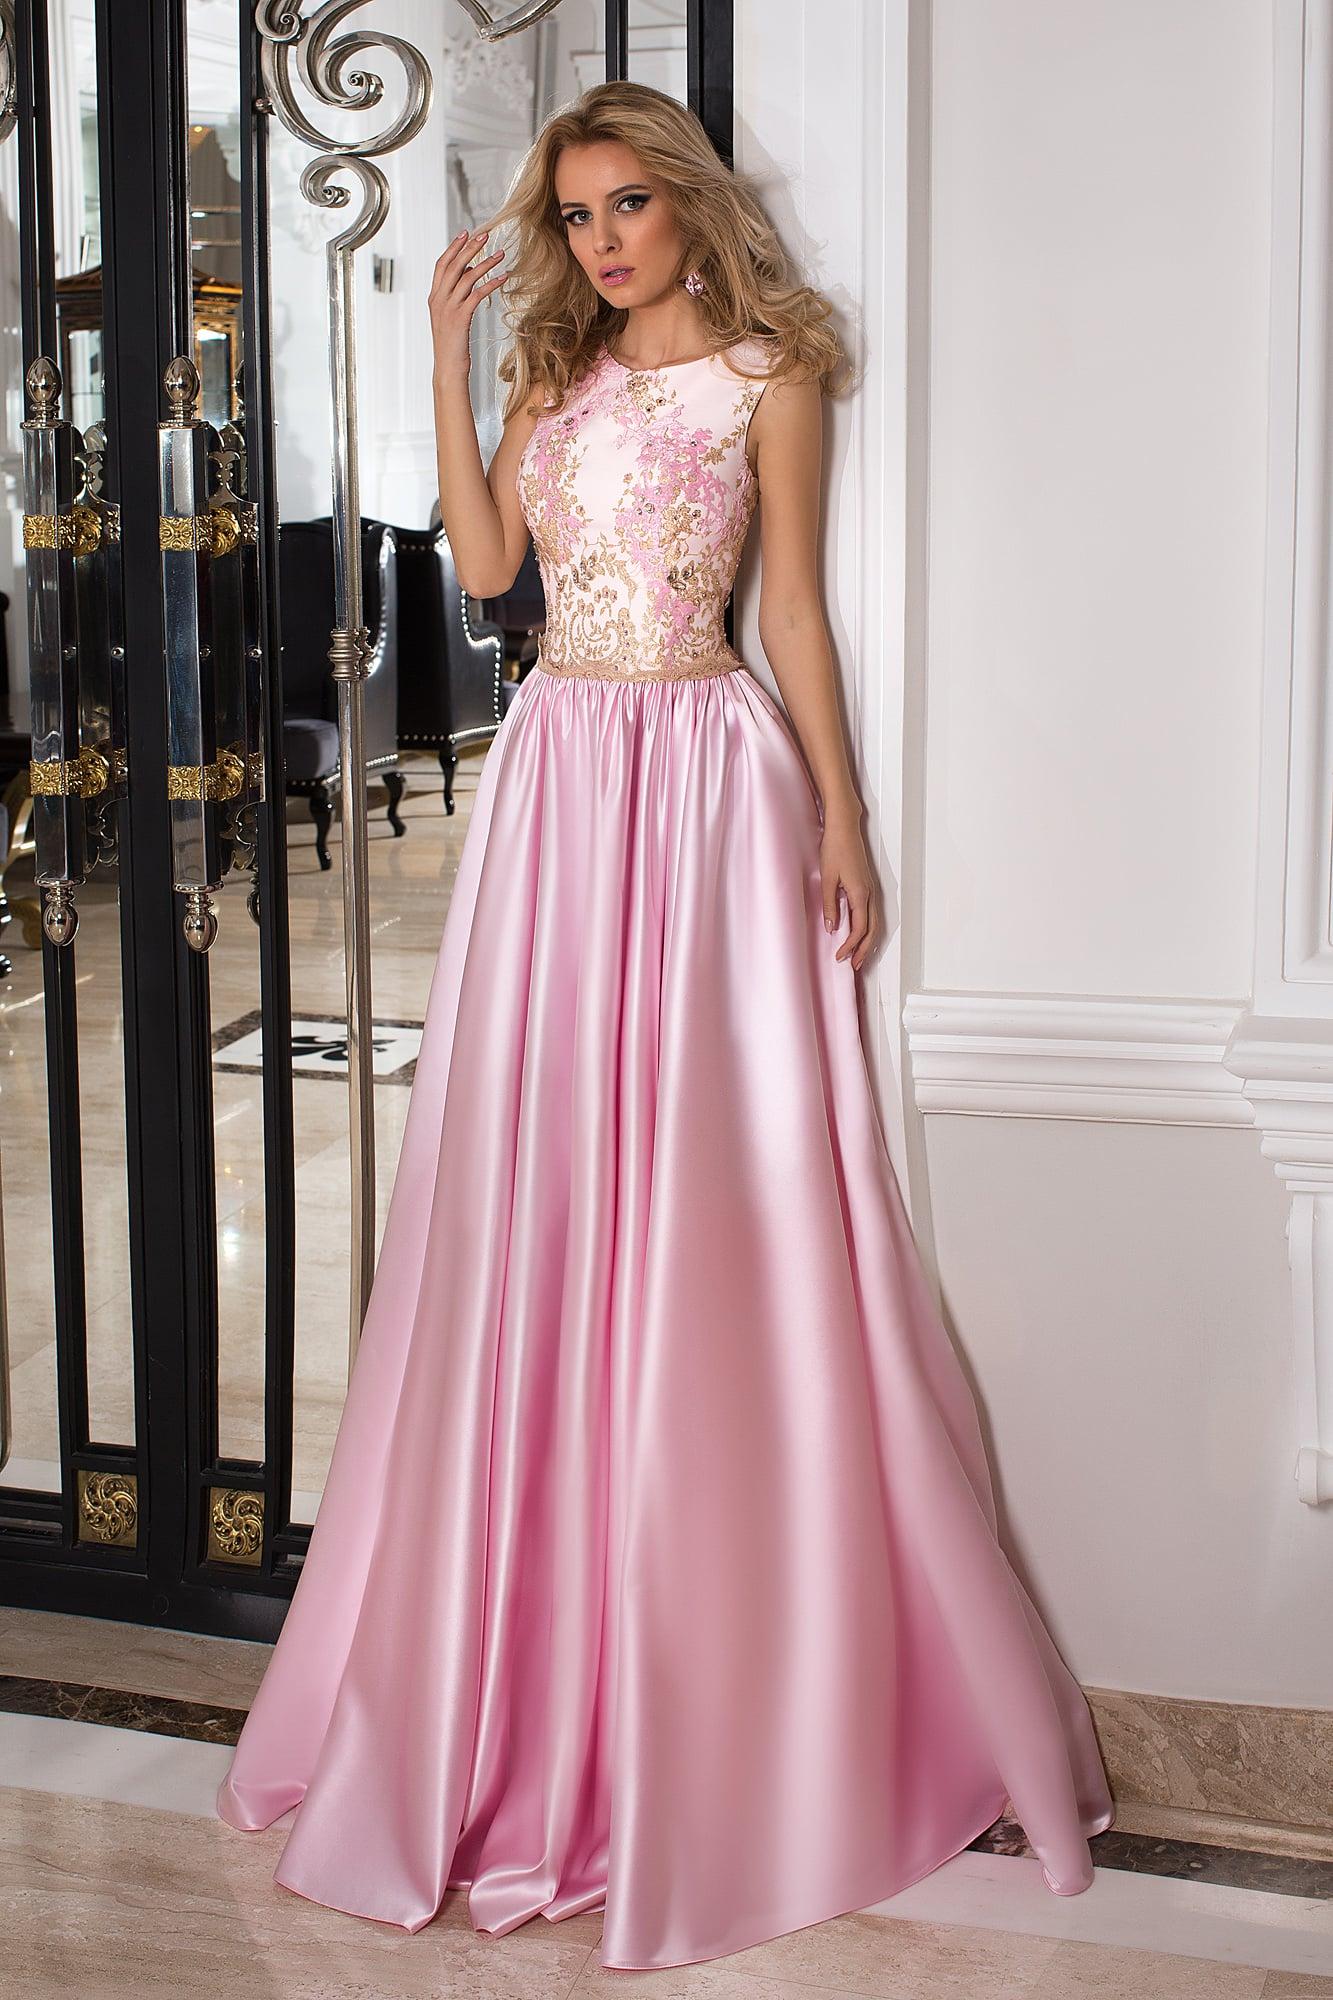 97196a5d0d0 Закрытое вечернее платье розового цвета с золотым декором и декольте сзади.